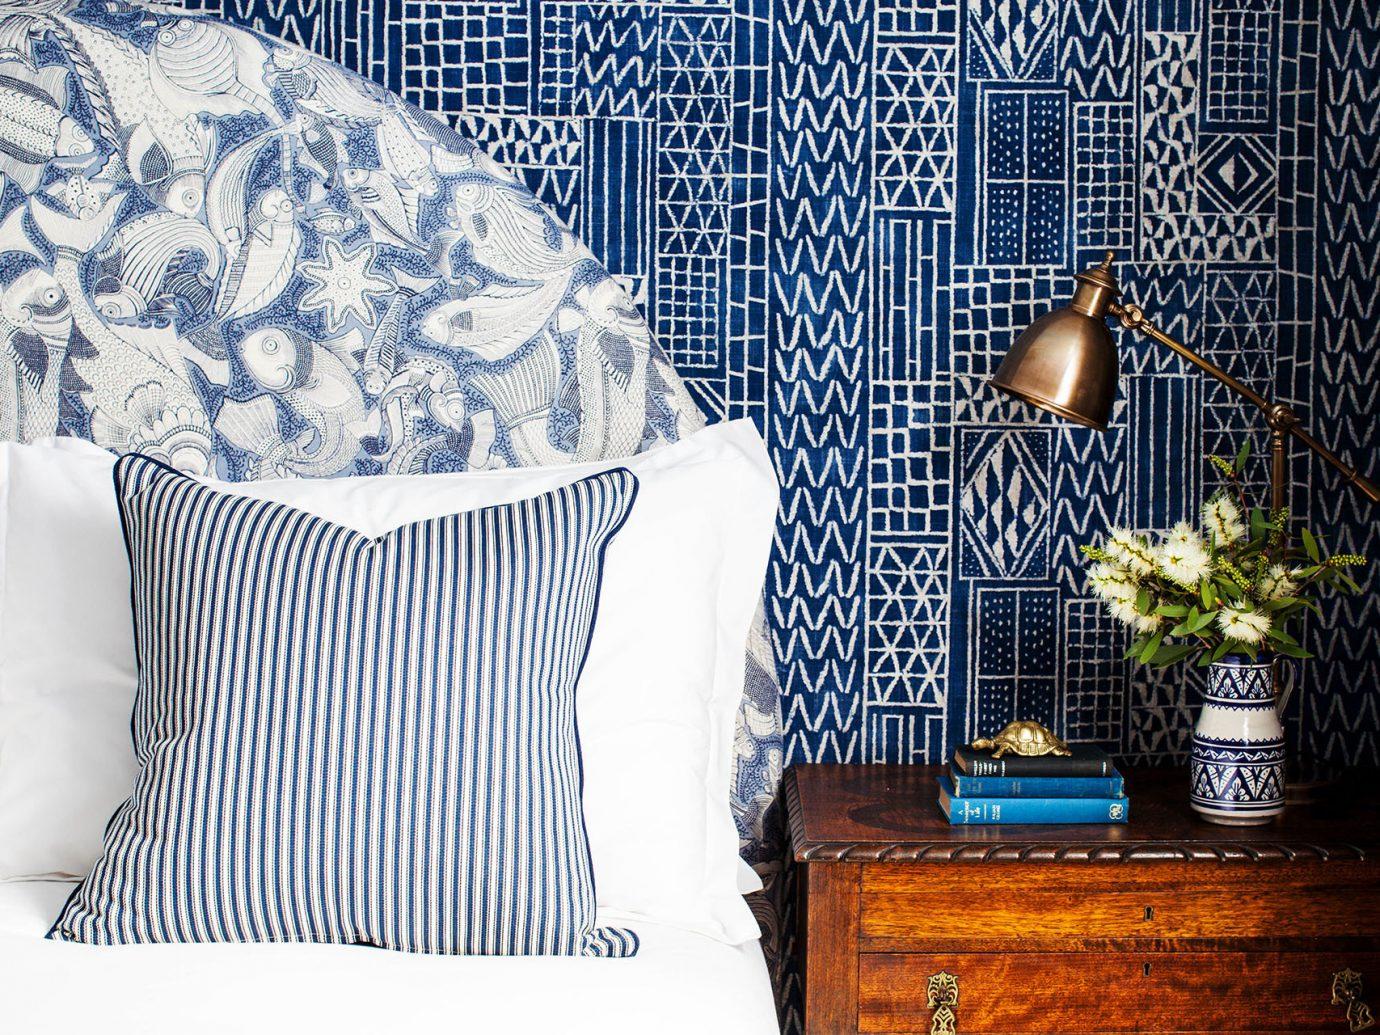 Style + Design indoor blue bed room furniture textile bed sheet interior design Design material pattern